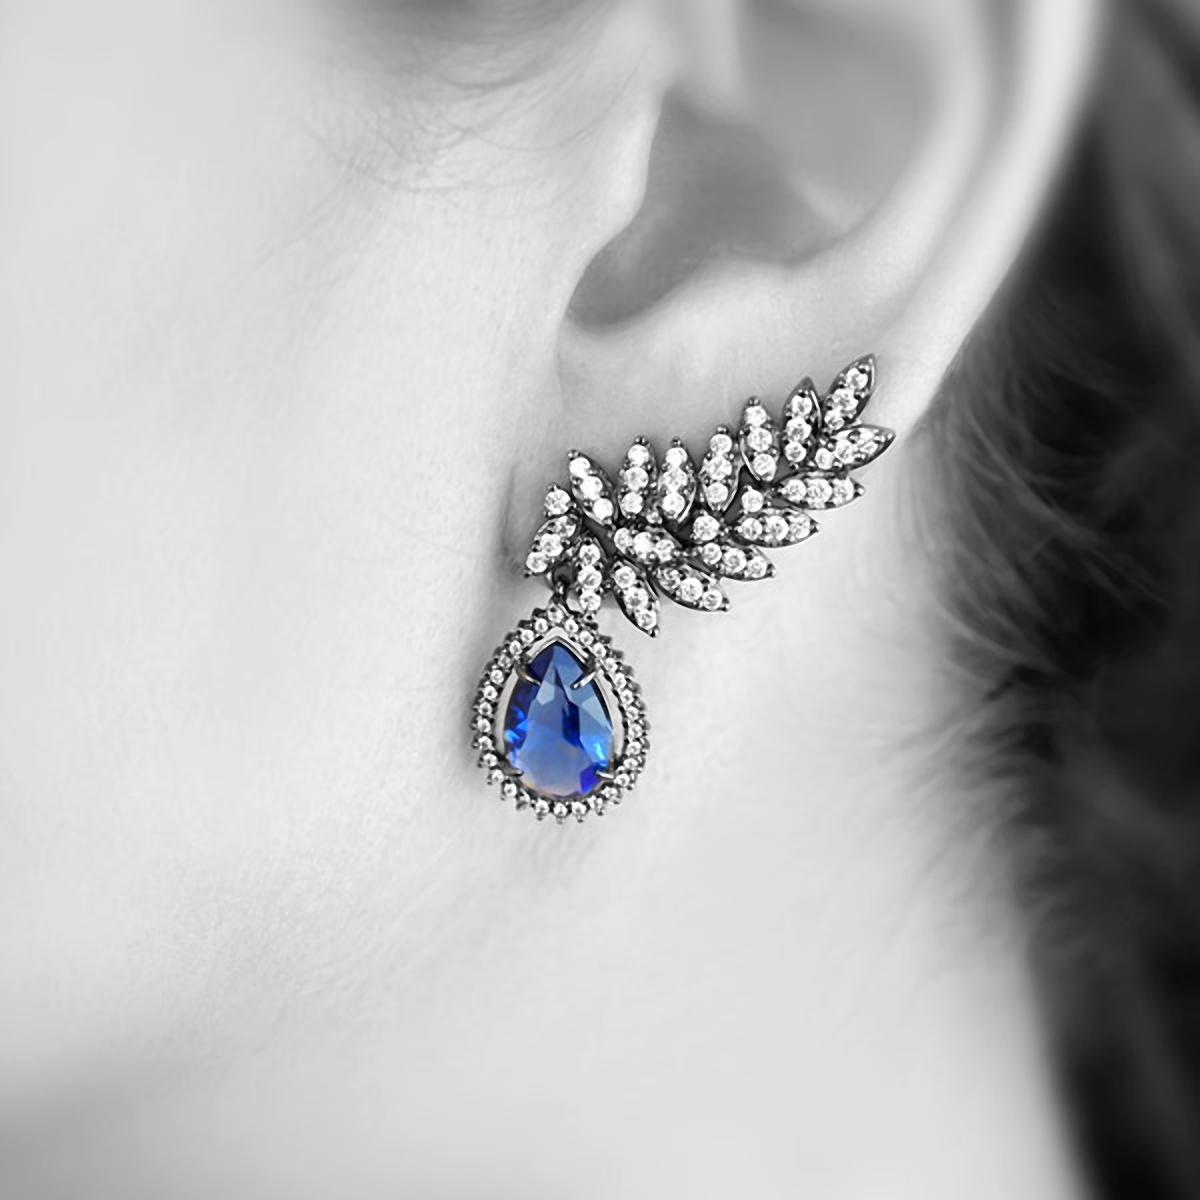 Brinco Ear Cuff Semijoia em Ródio Negro com Zircônia Branca e Gota Cristal Azul Safira  - SOLOYOU